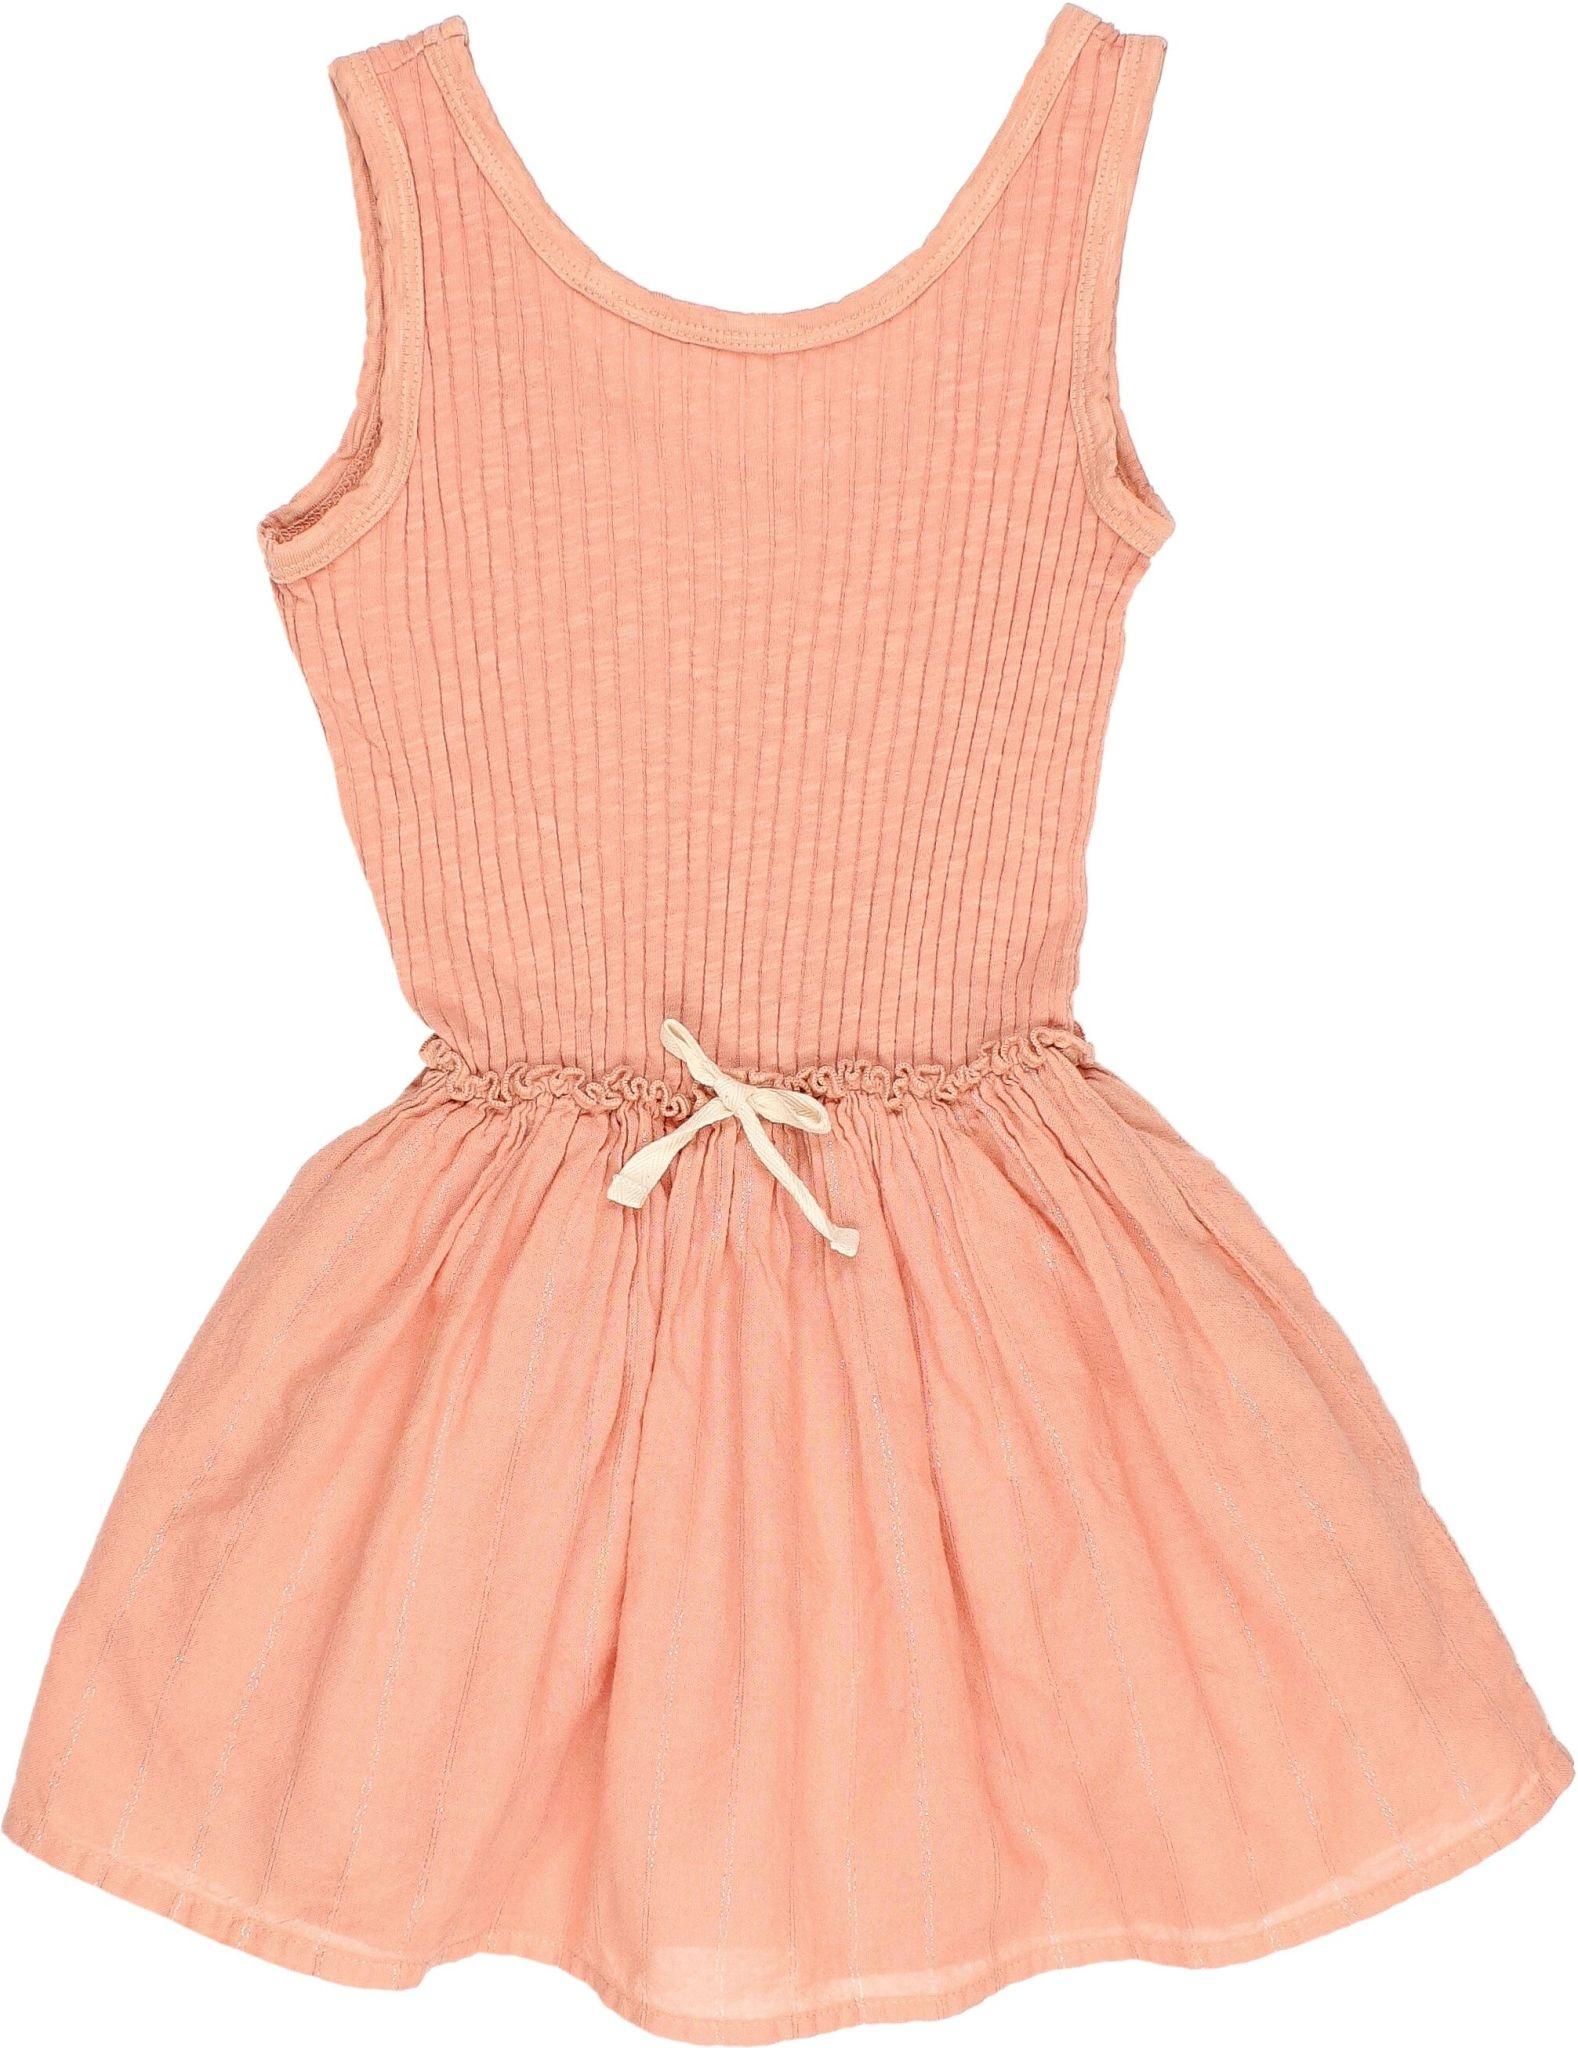 Buho Buho - 9192 Lurex combi dress Siena